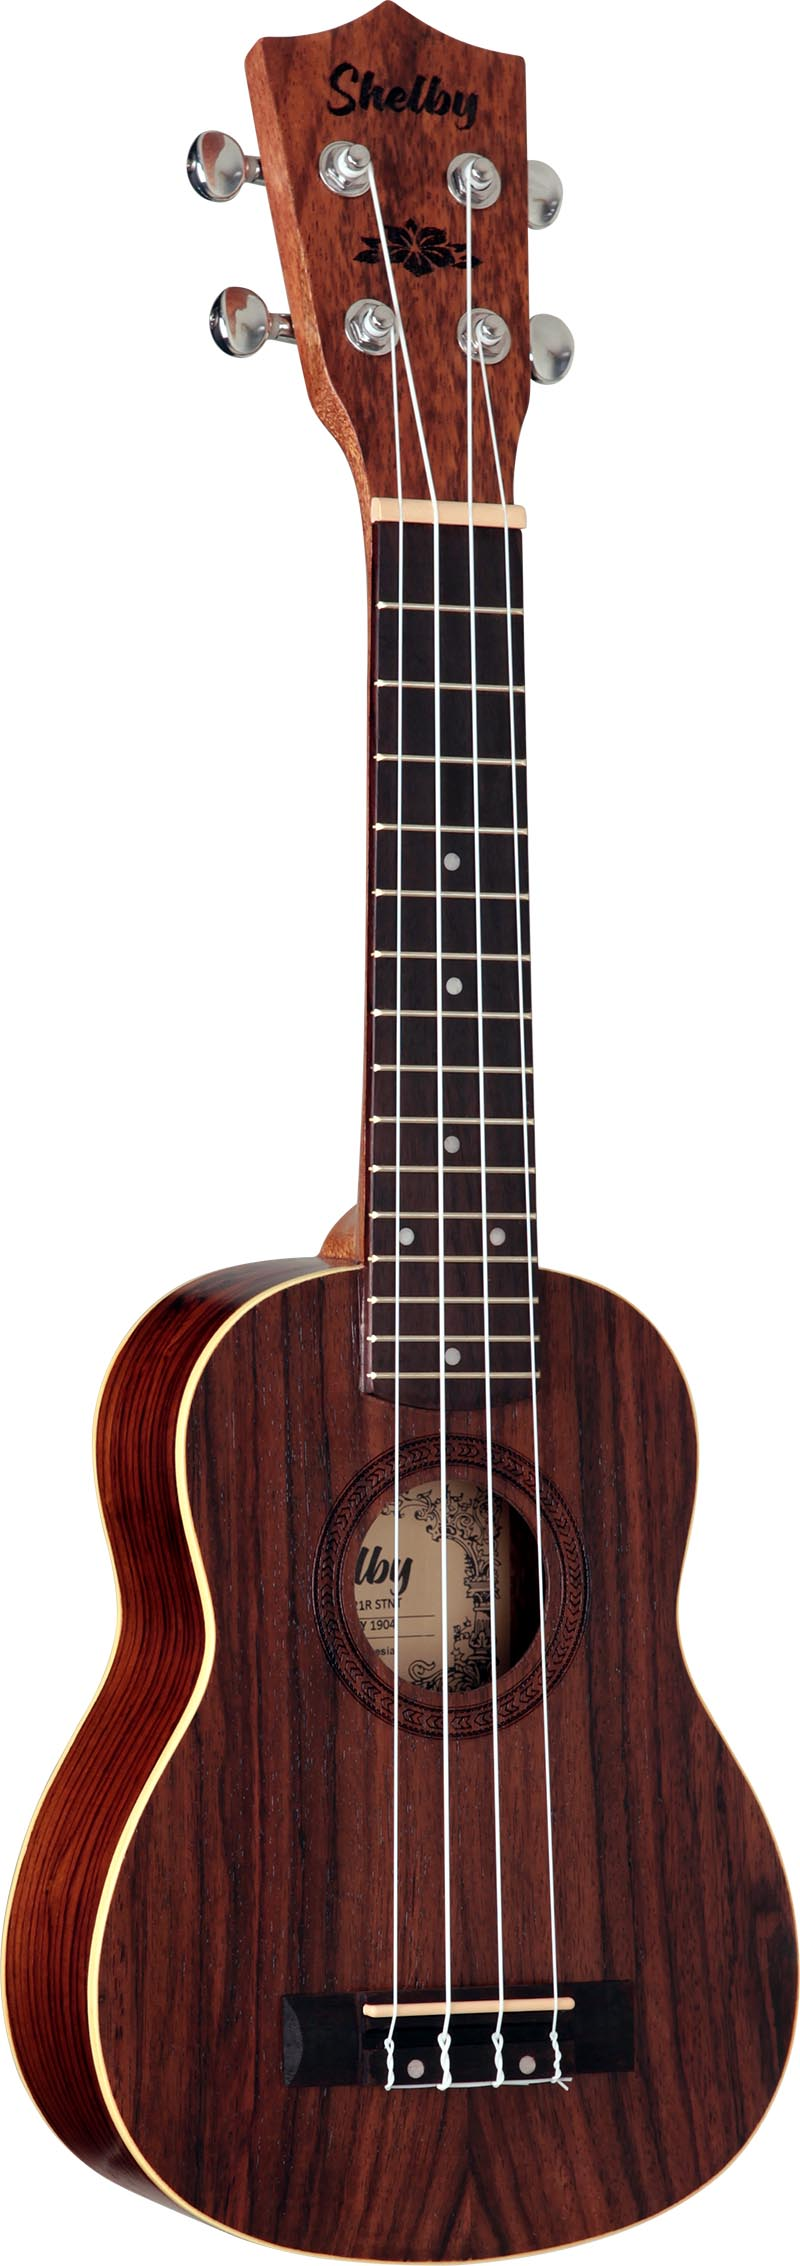 su21r ukulele soprano shelby su21r stnt jacaranda acetinado visao frontal vertical